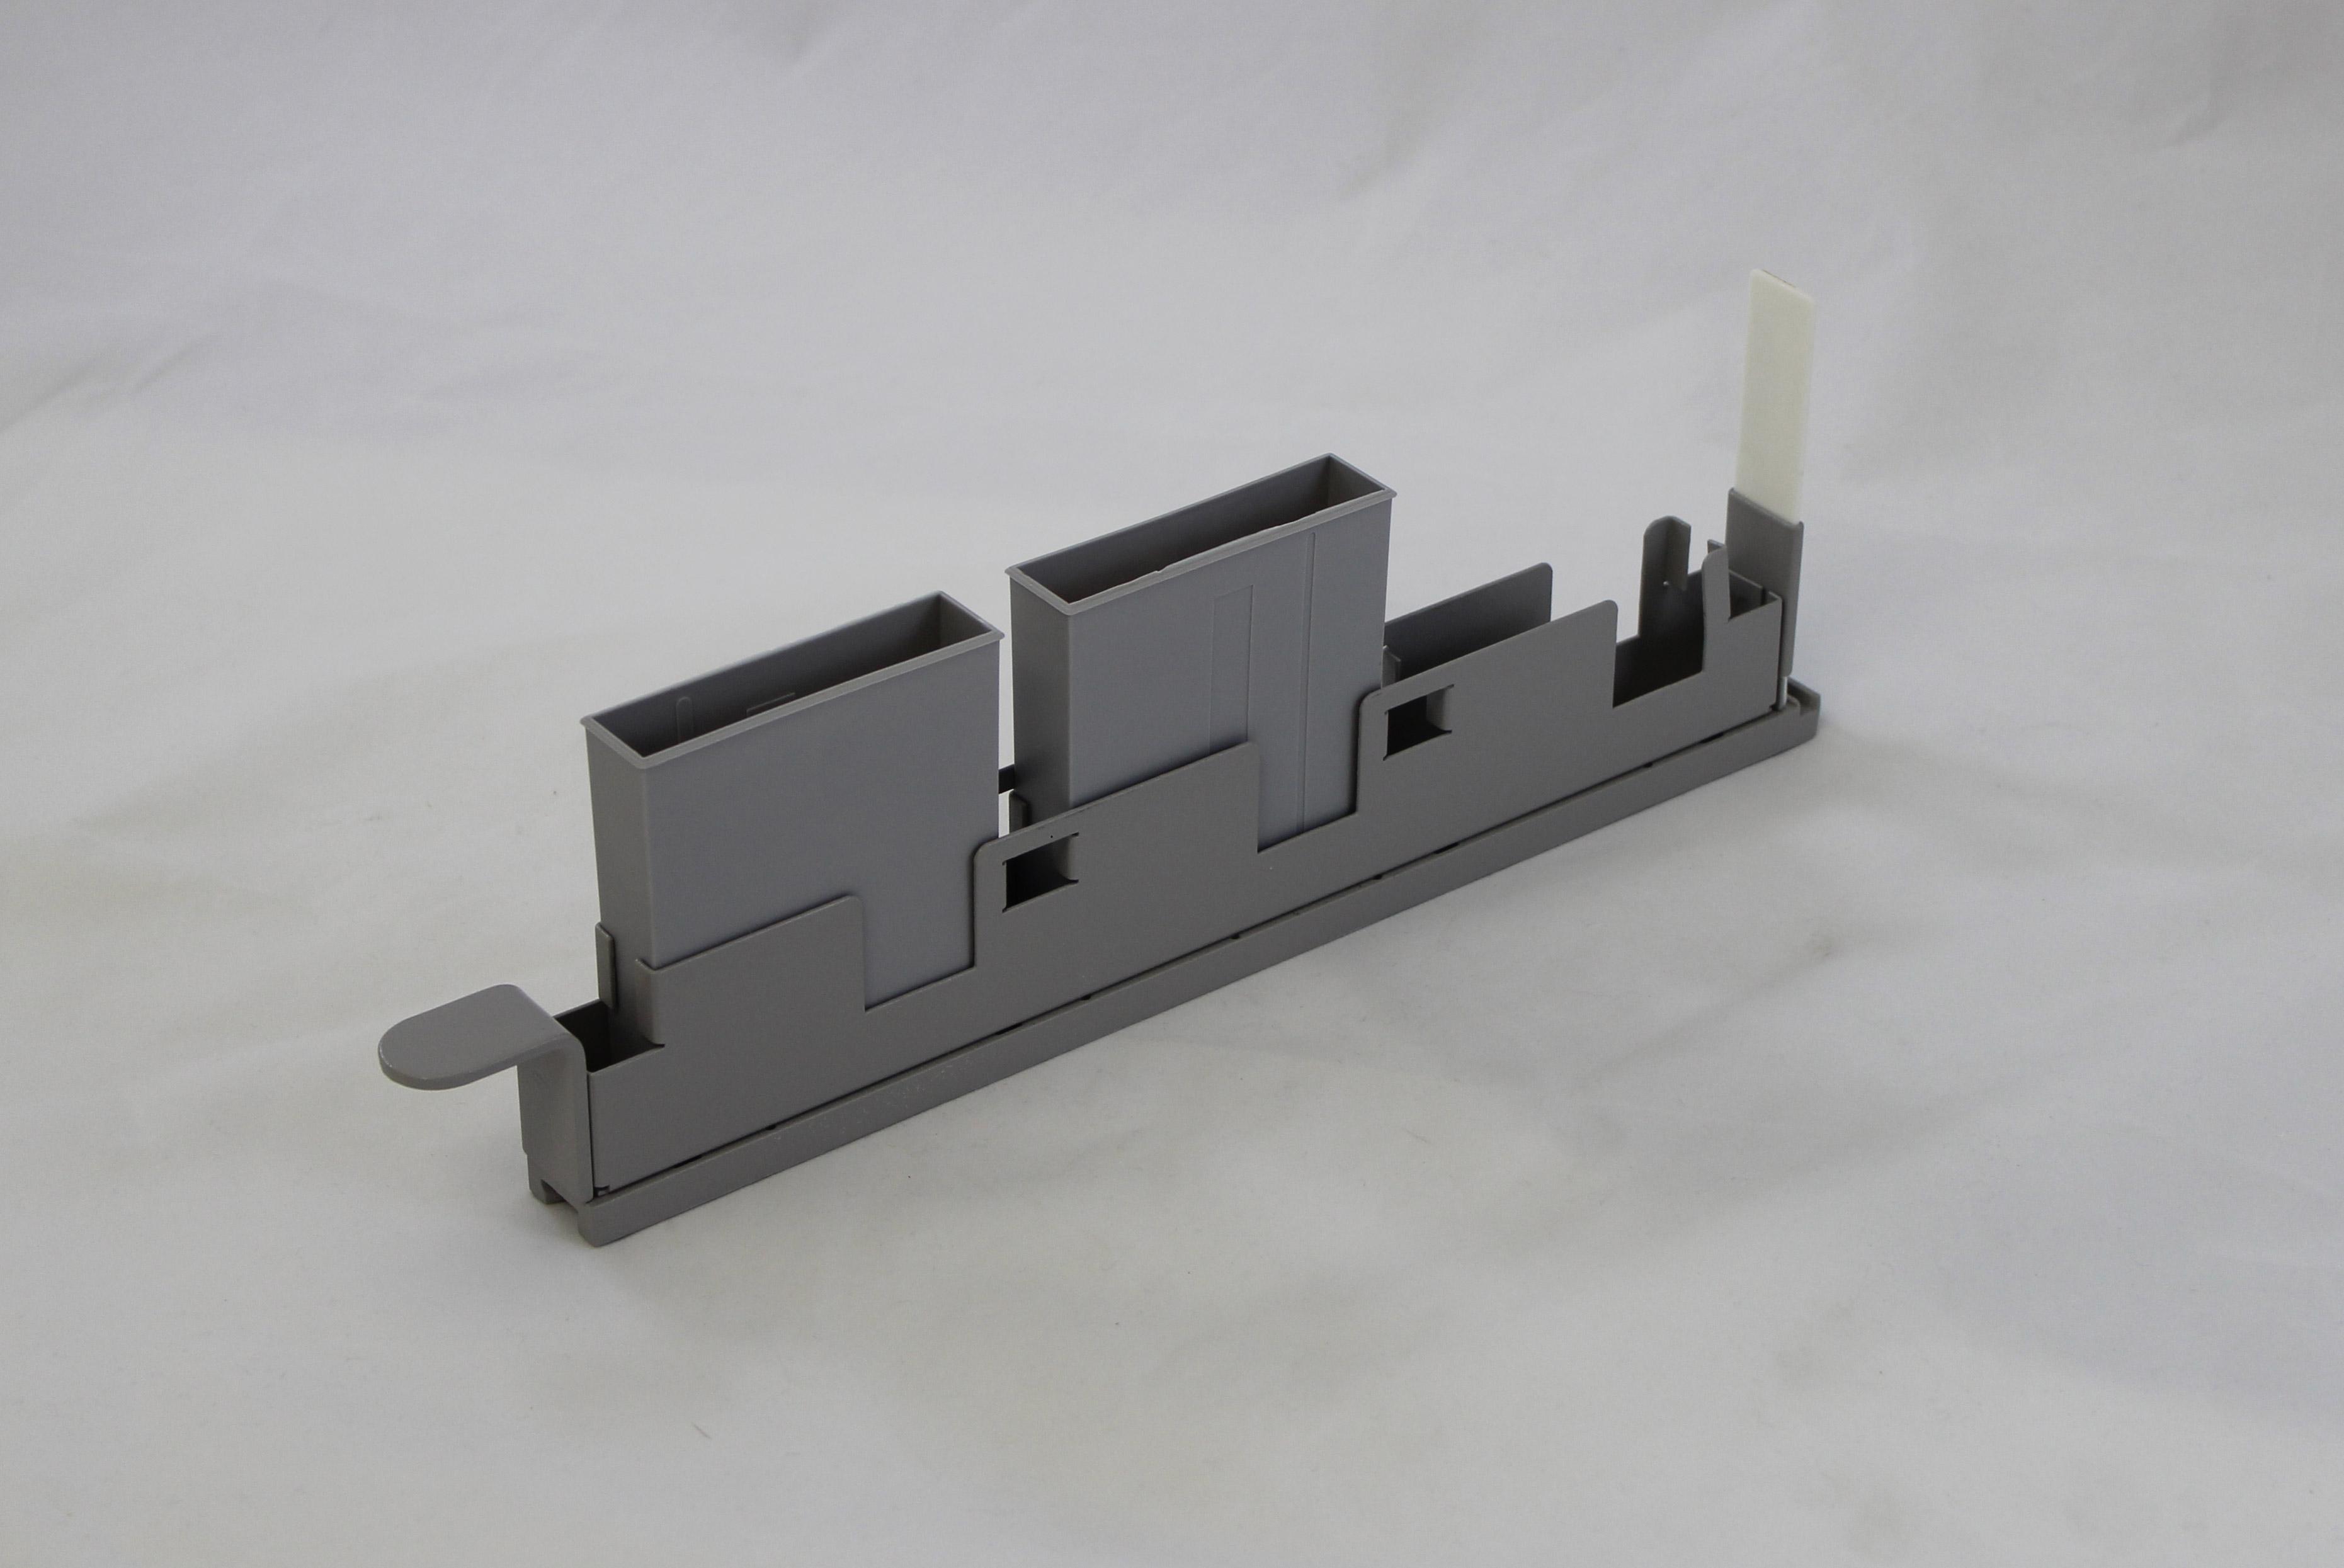 Tecan 3 position reagent trough rack